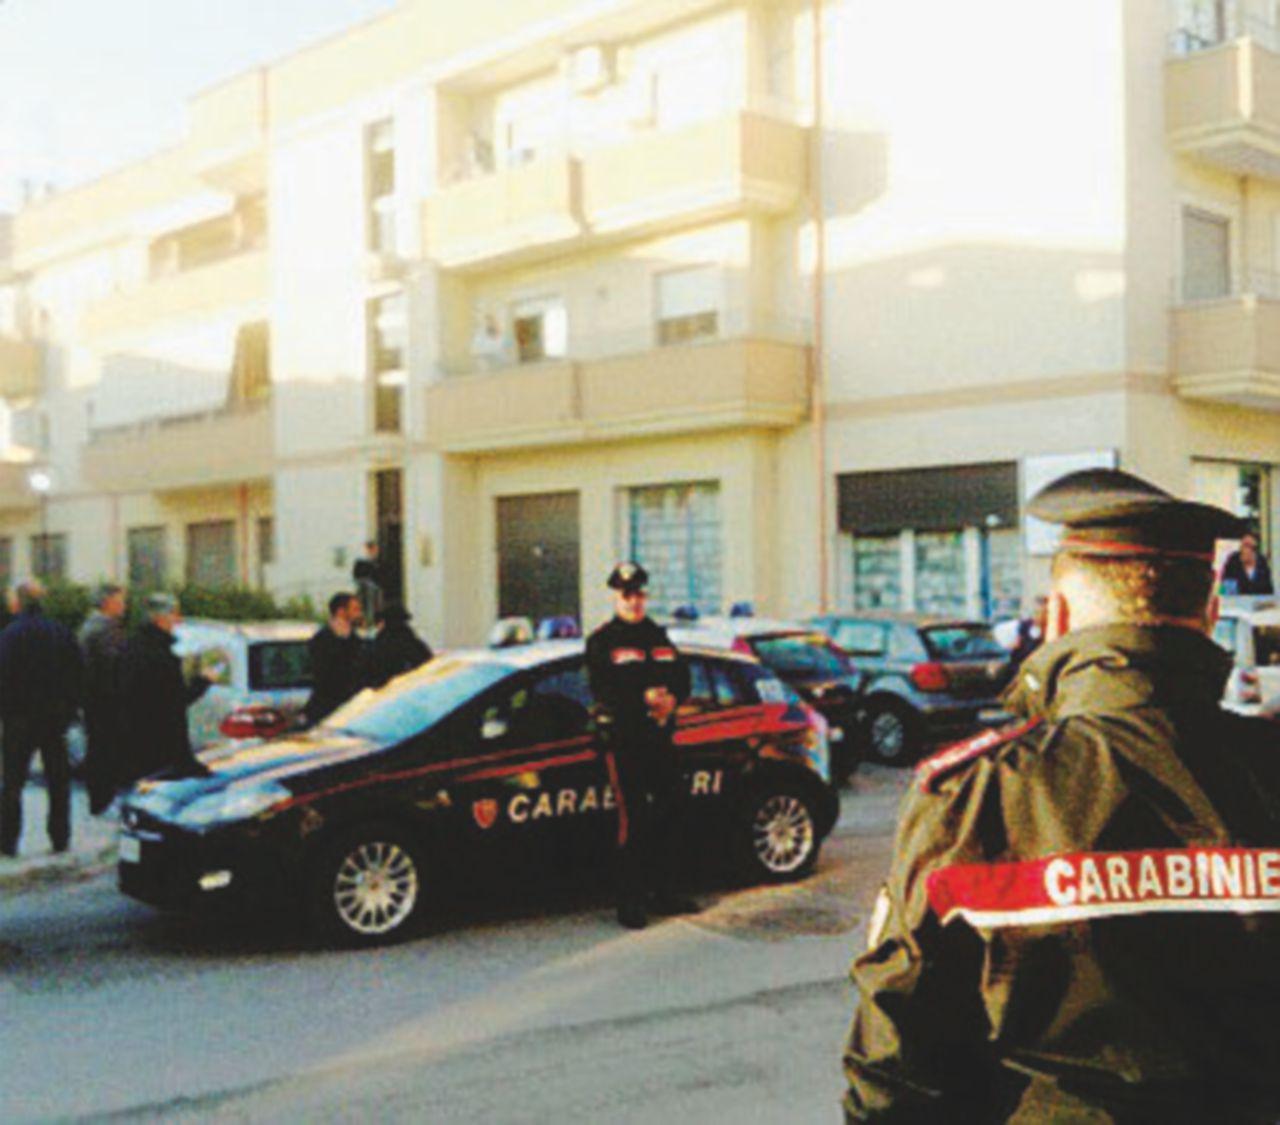 Una discussione con il cliente, poi l'avvocato lo crivella di colpi e fa chiamare i carabinieri